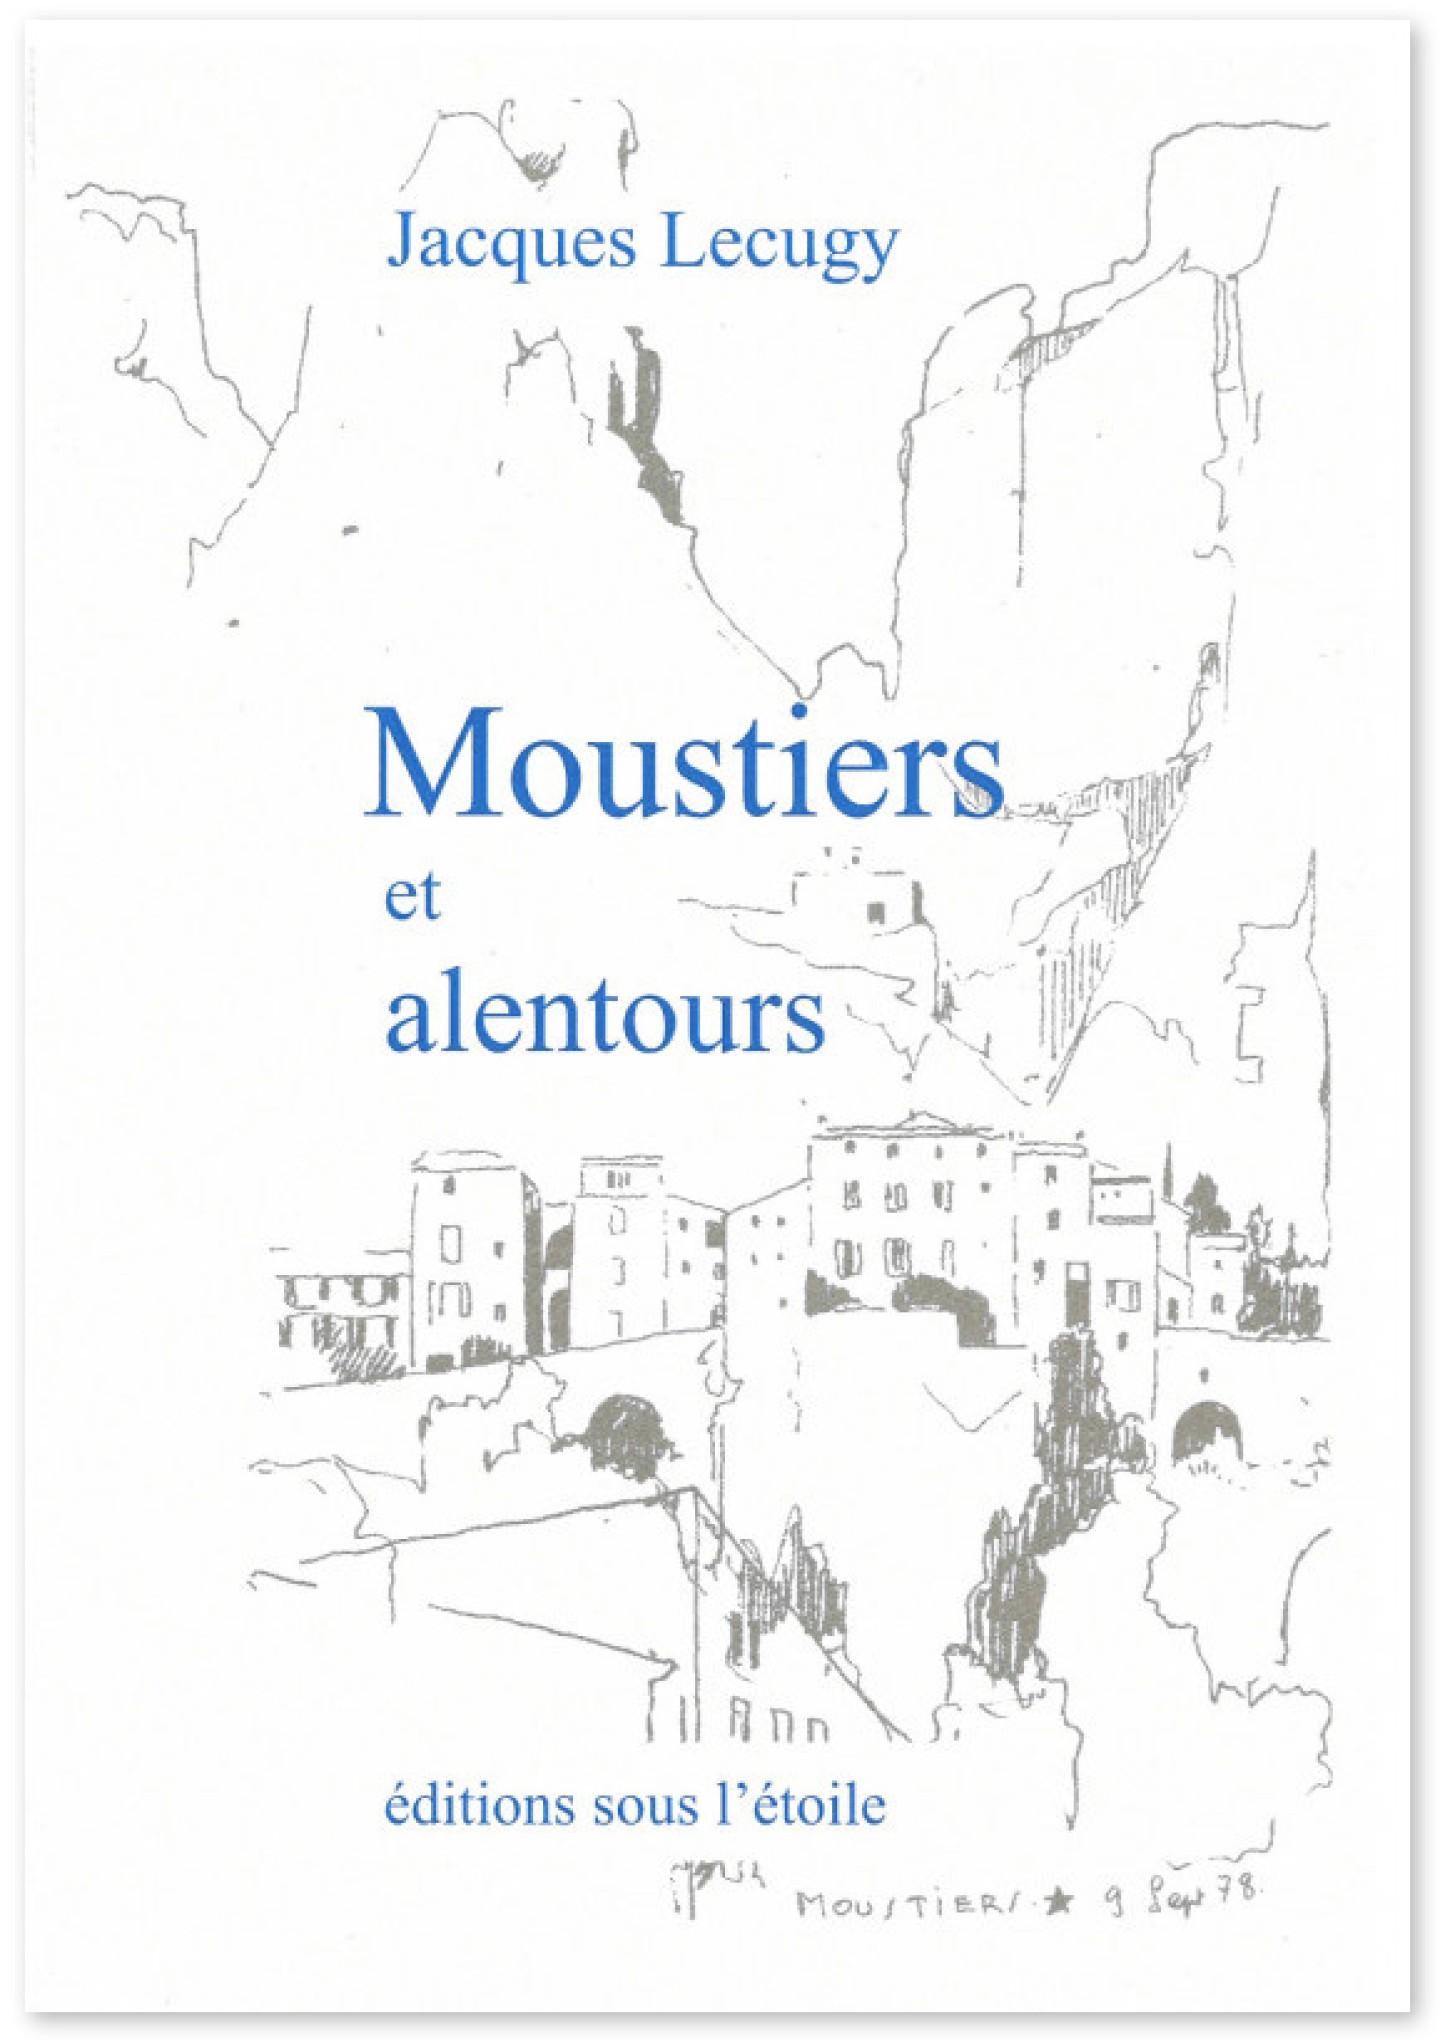 Moustiers et alentours de Jacques Lecugy